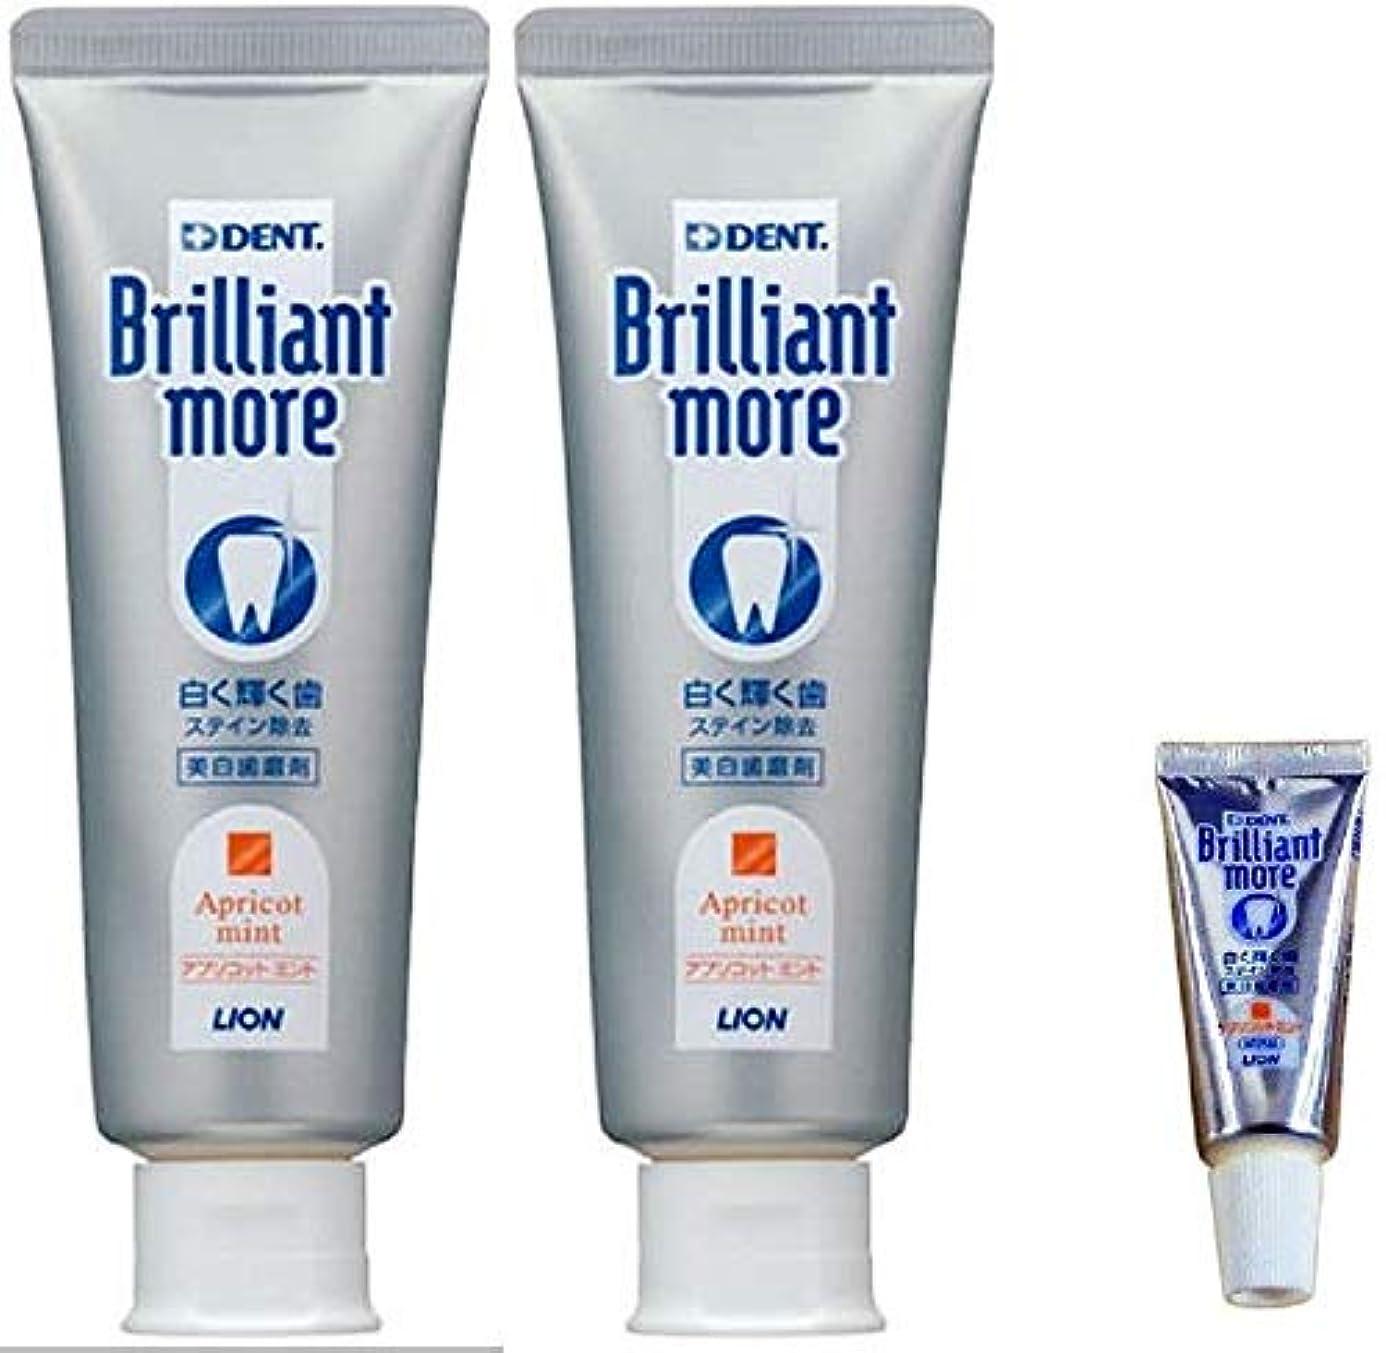 冷酷な好むメンタリティライオン ブリリアントモア アプリコットミント 歯科用 美白歯磨剤 90g×2本 (試供品 20g×1本付き)期間限定